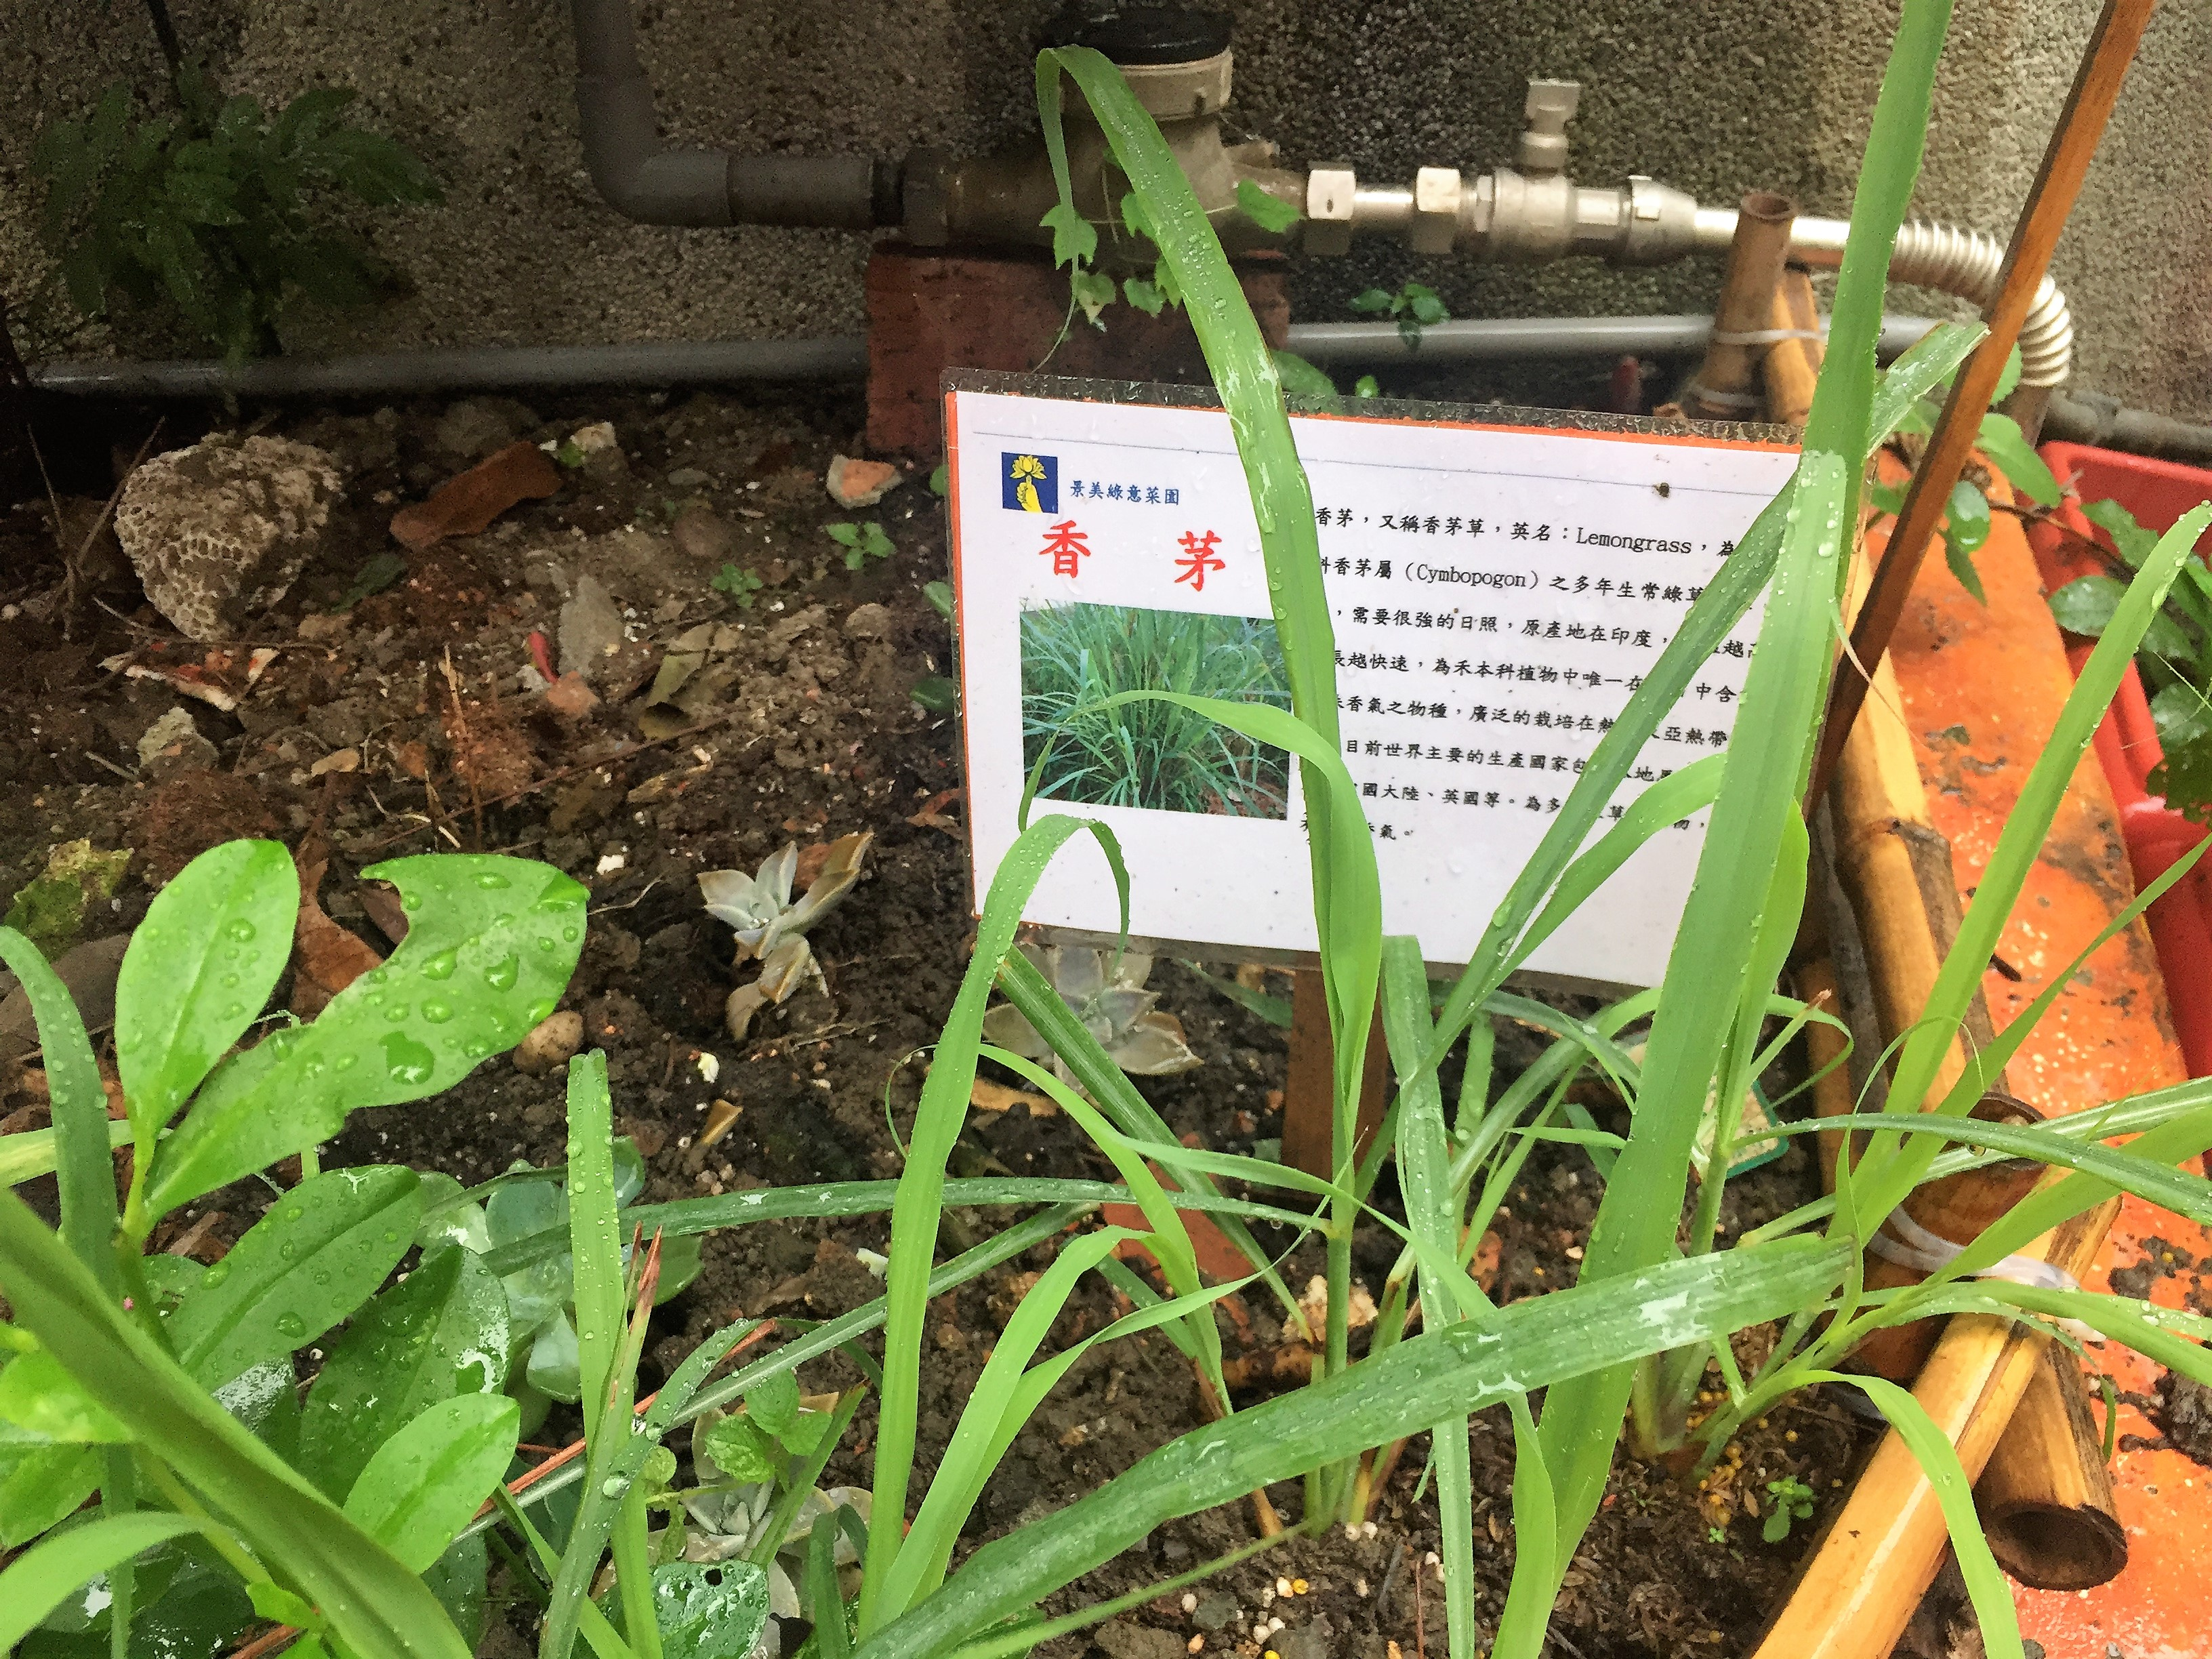 每一種植物旁邊都附有簡介,方便民眾認識。攝影/孔祥智